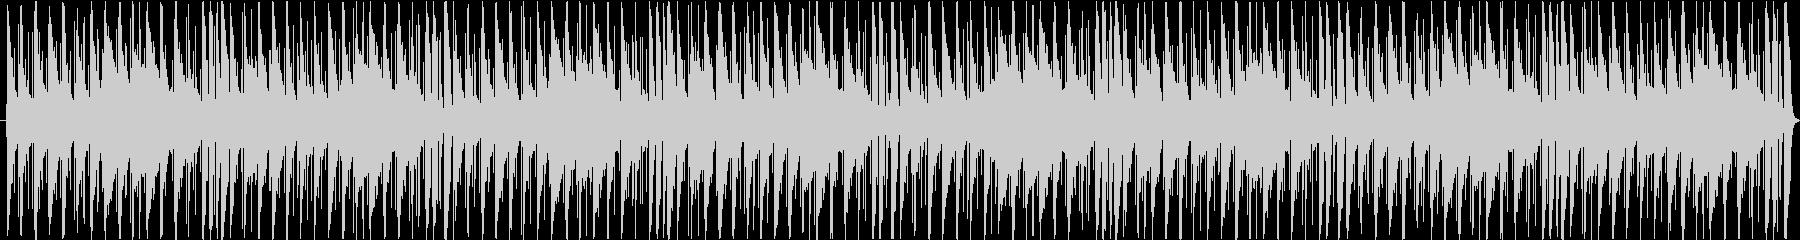 ジャジーなチルホップの未再生の波形